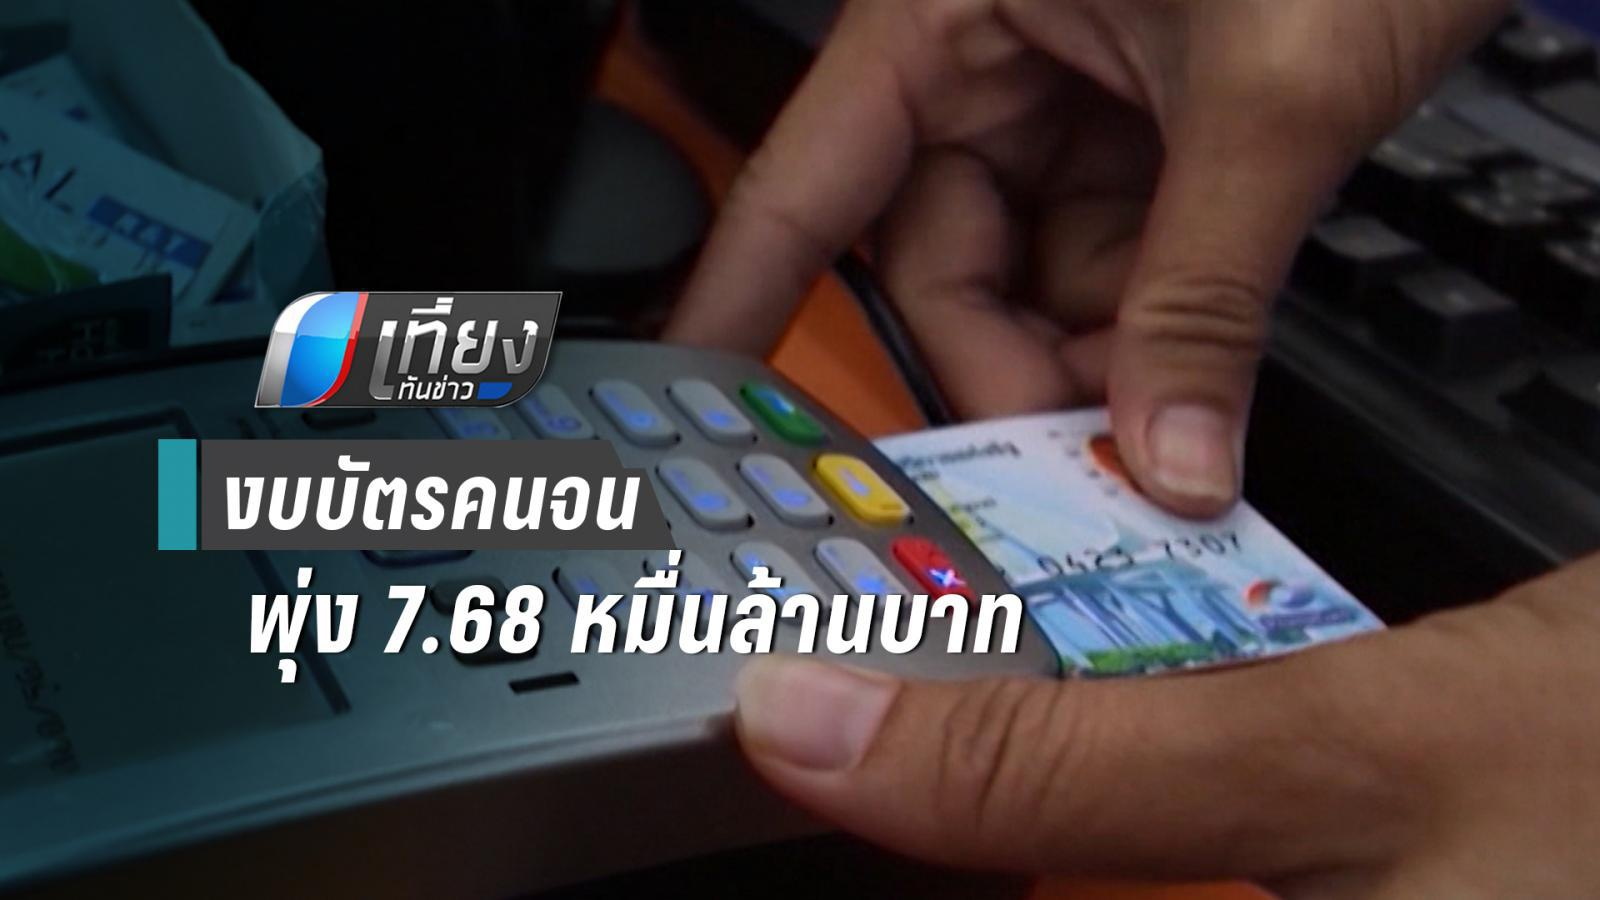 เปิดตัวเลขงบอัดฉีด บัตรคนจน พุ่งแตะ 7.68 หมื่นล้านบาท